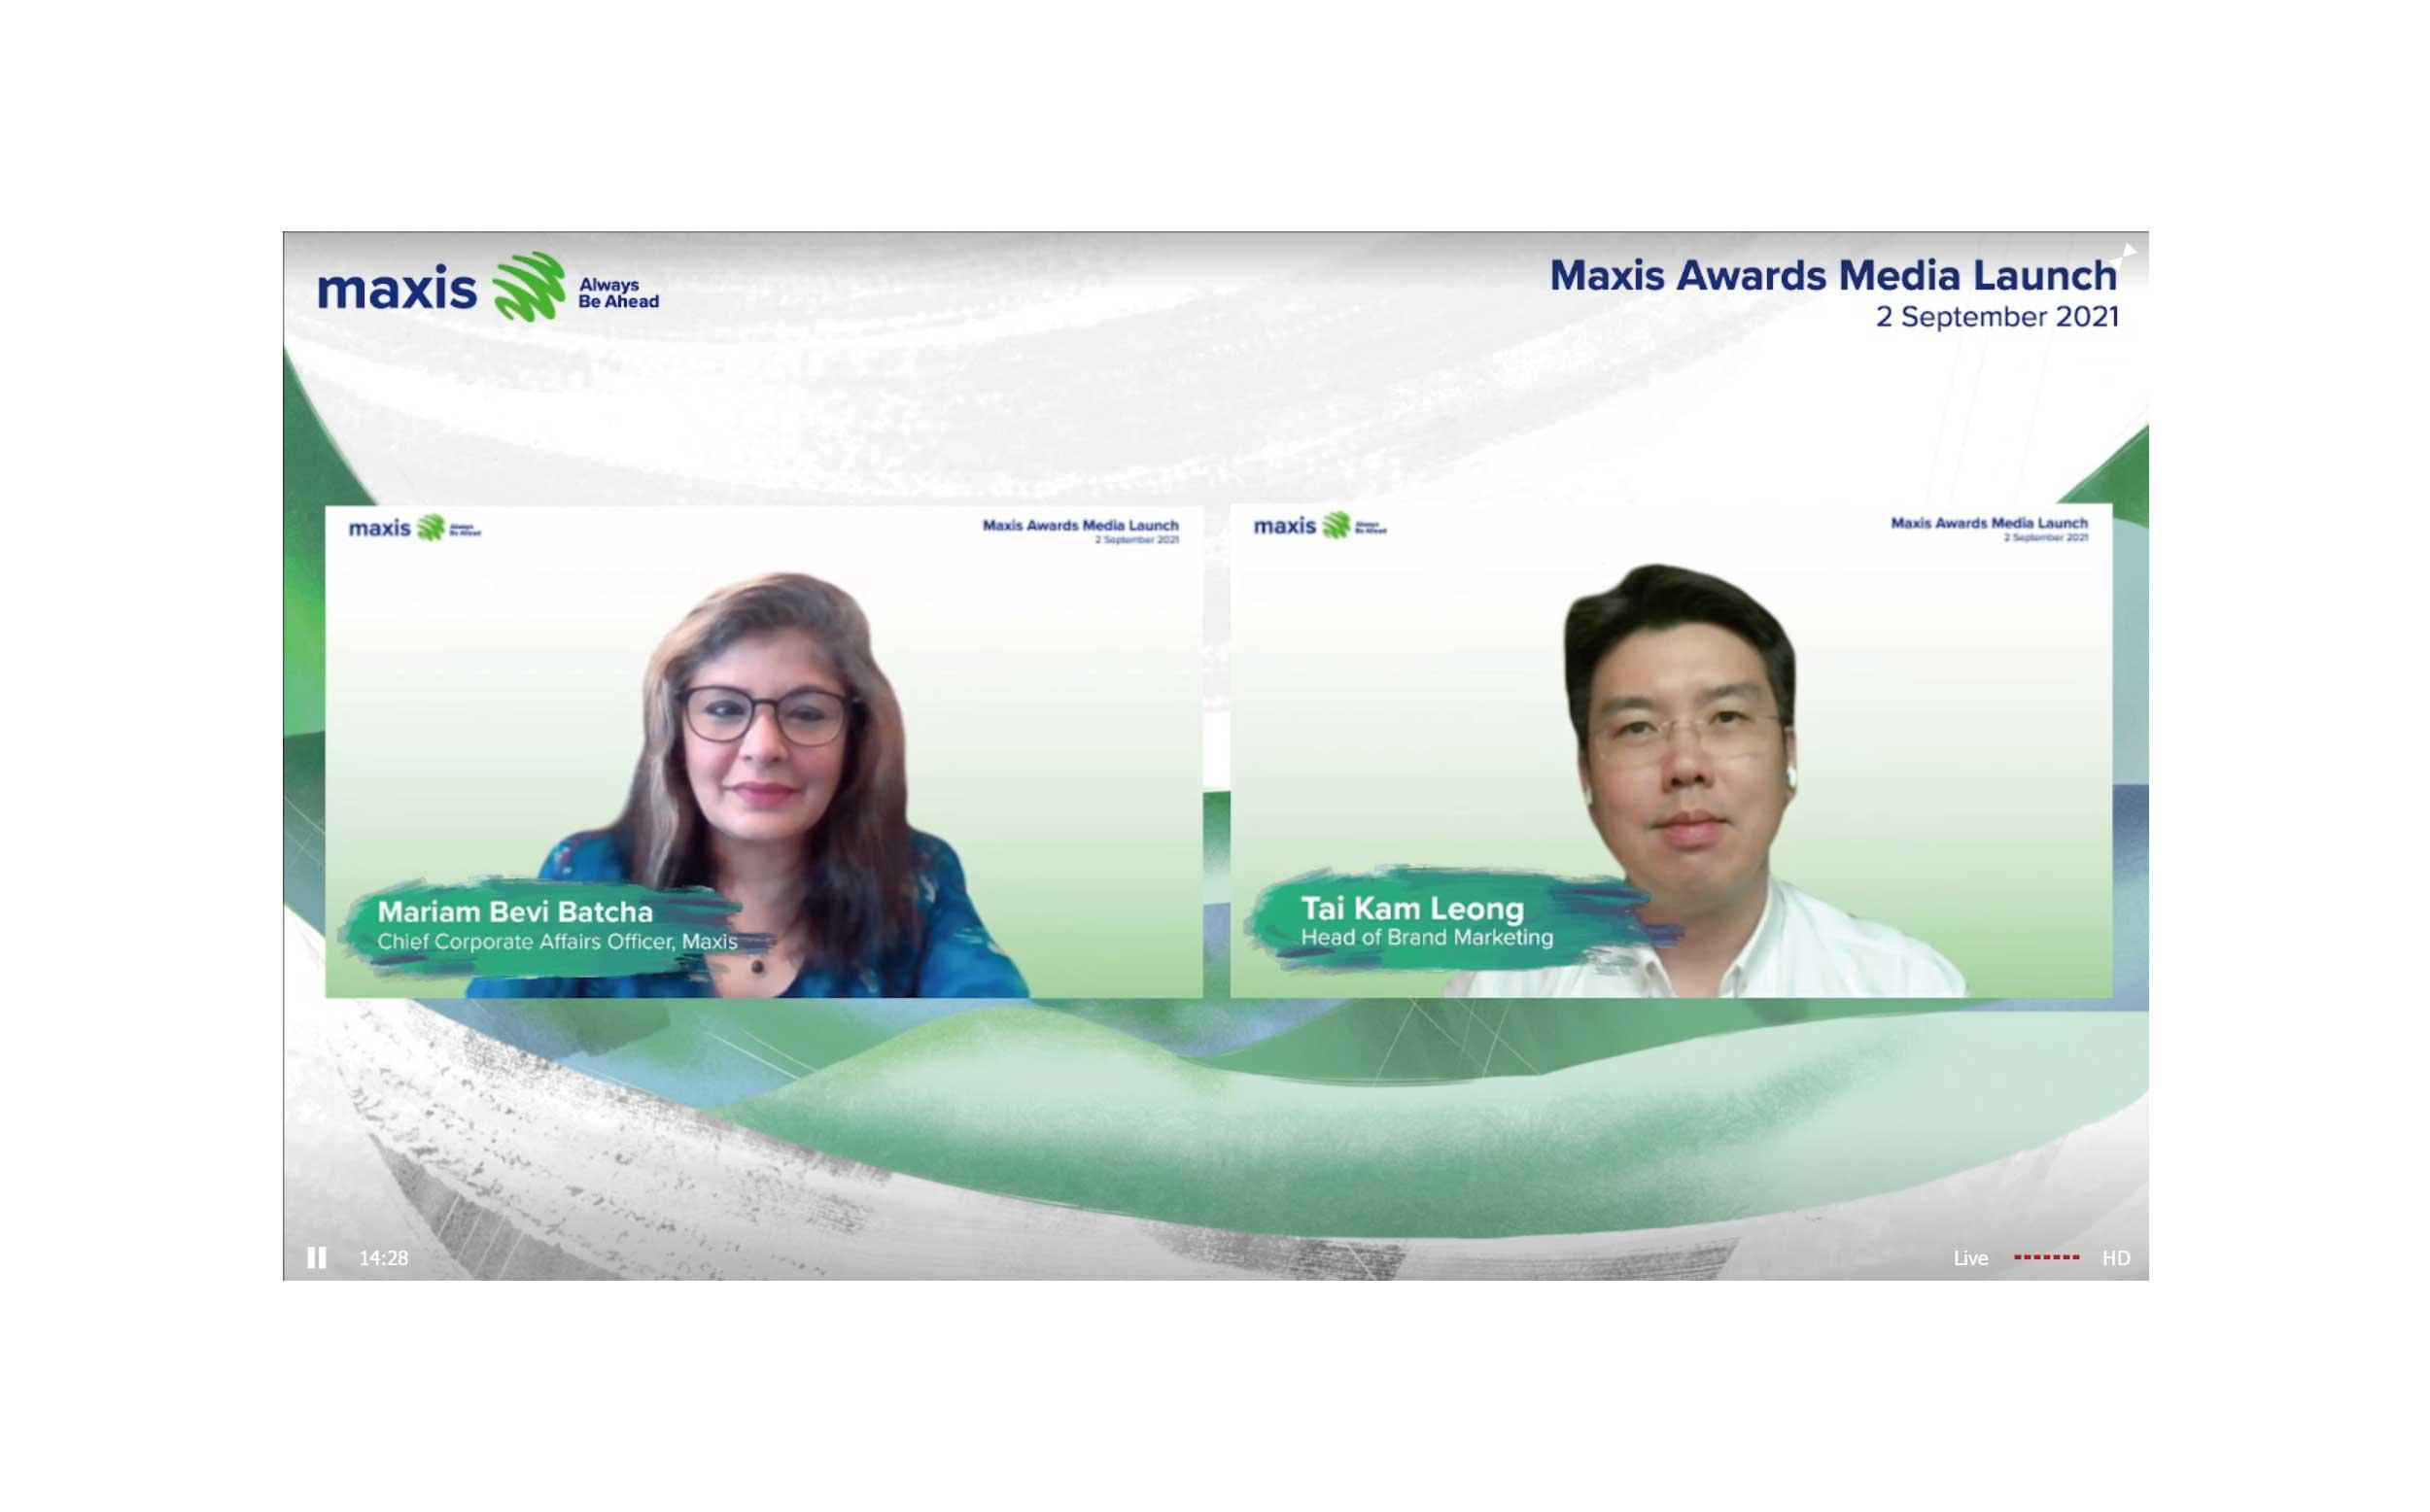 """明讯首席业务执行员Mariam Bevi Batcha(左)与品牌与营销主管Tai Kam Leong在""""明讯奖""""线上发布会上一同合影。"""